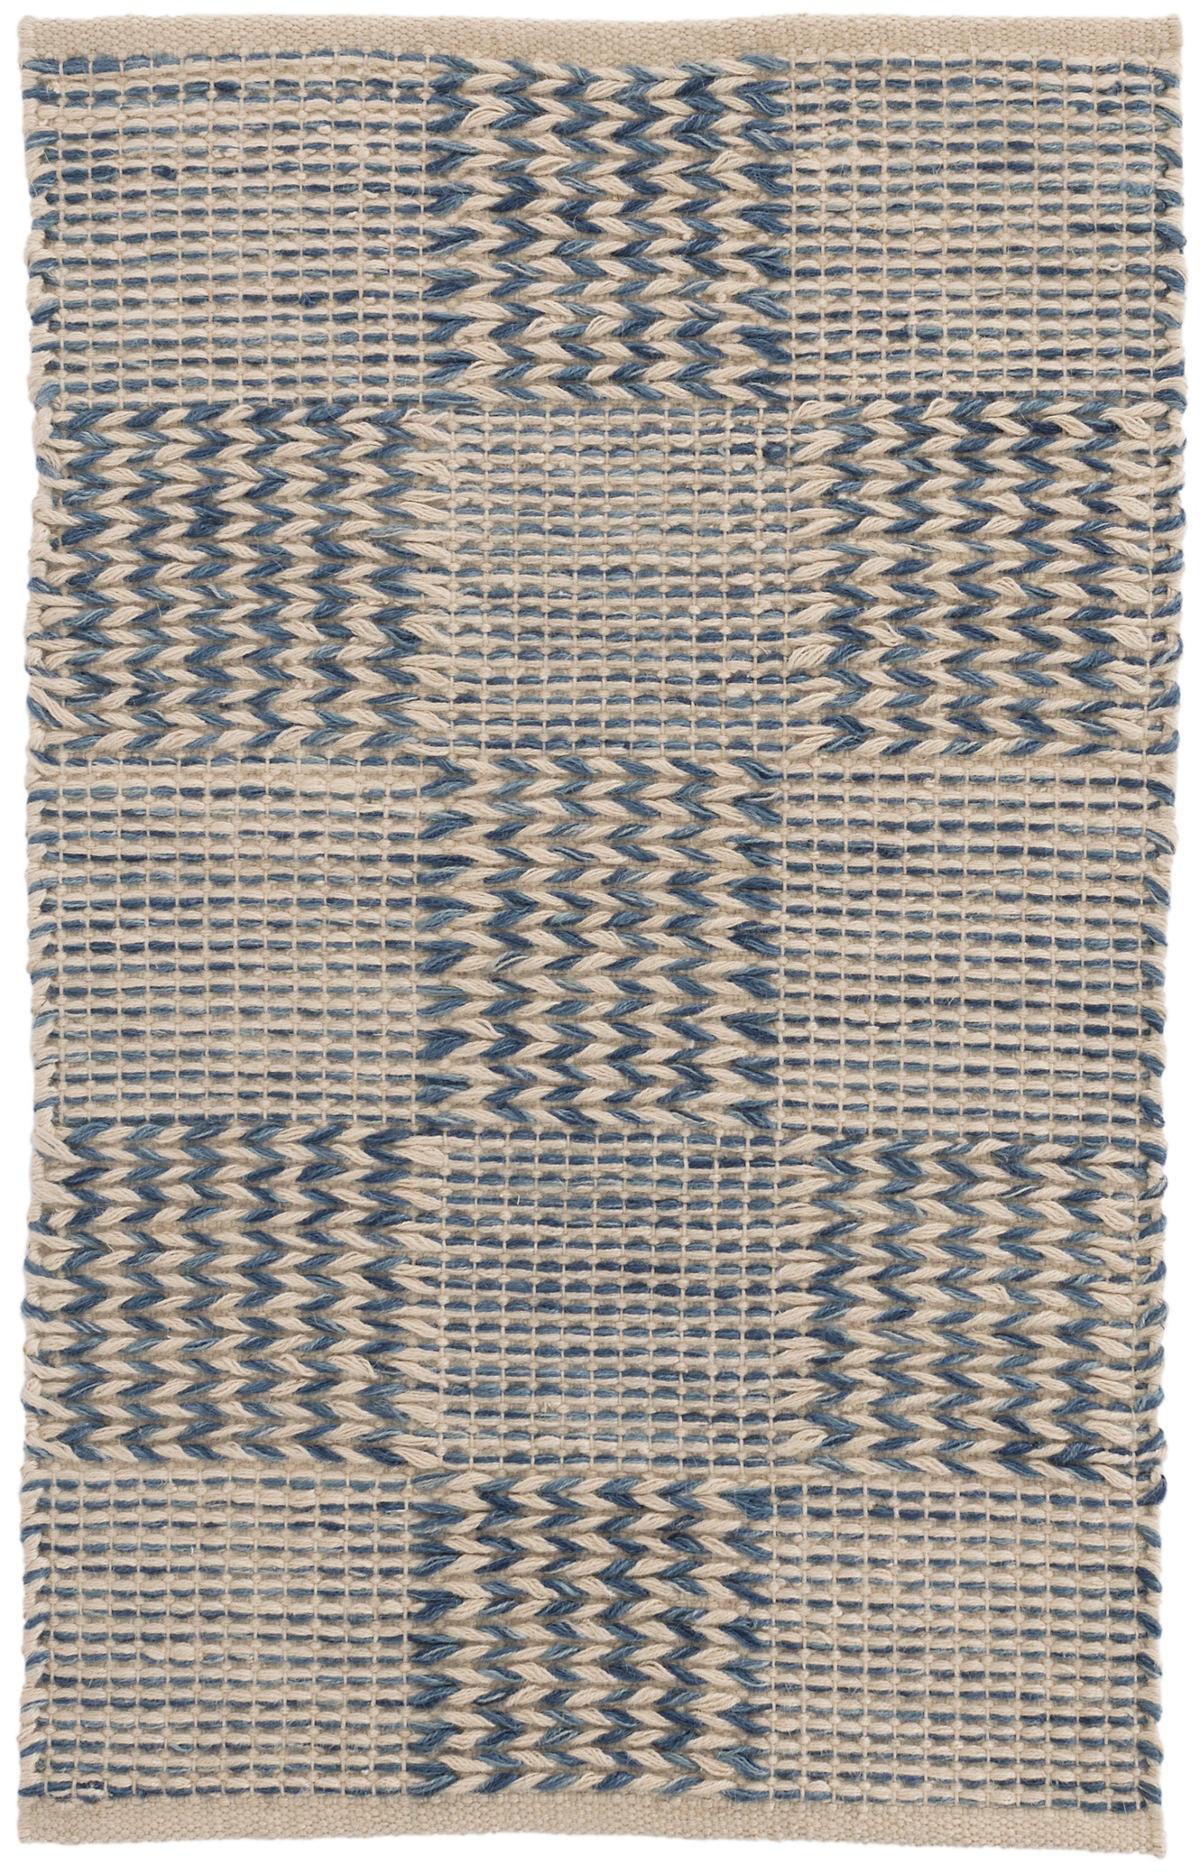 Tiles Blue Woven Jute Rug